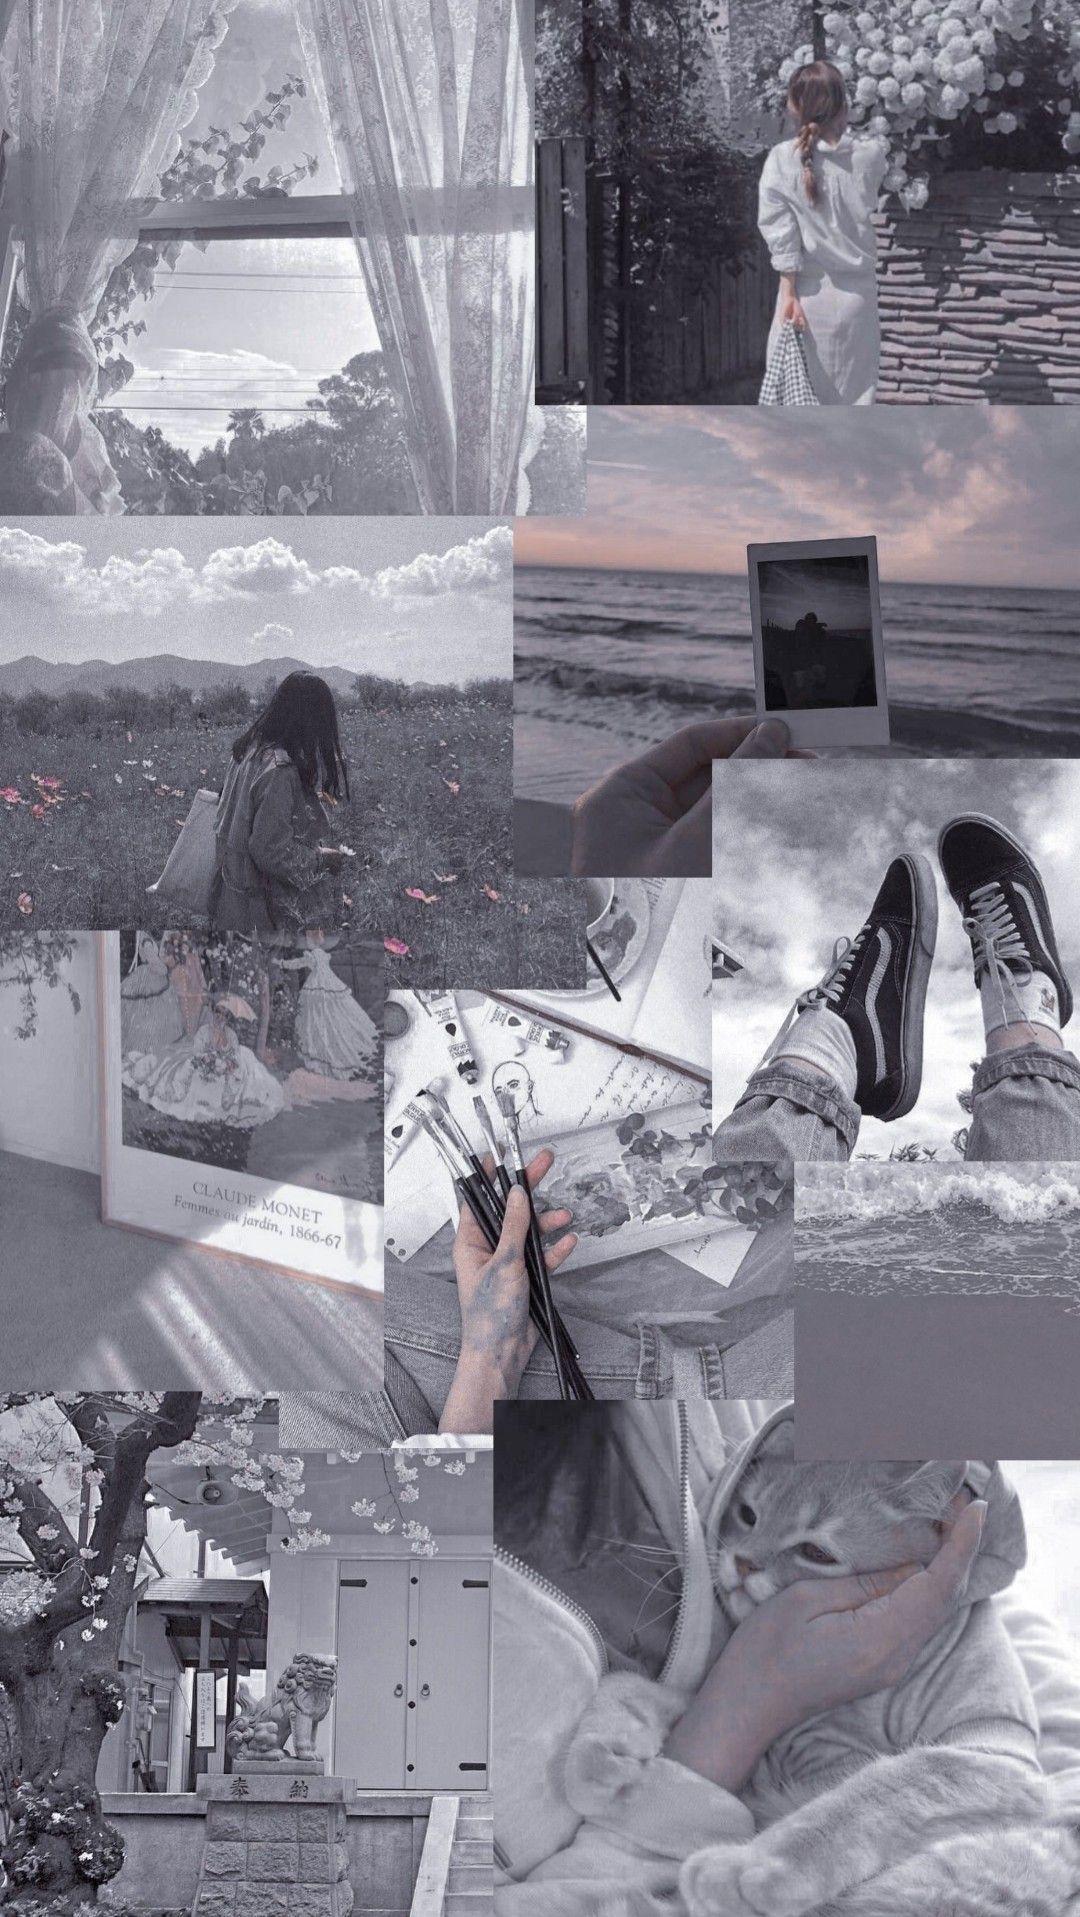 Wallpaper aesthetic